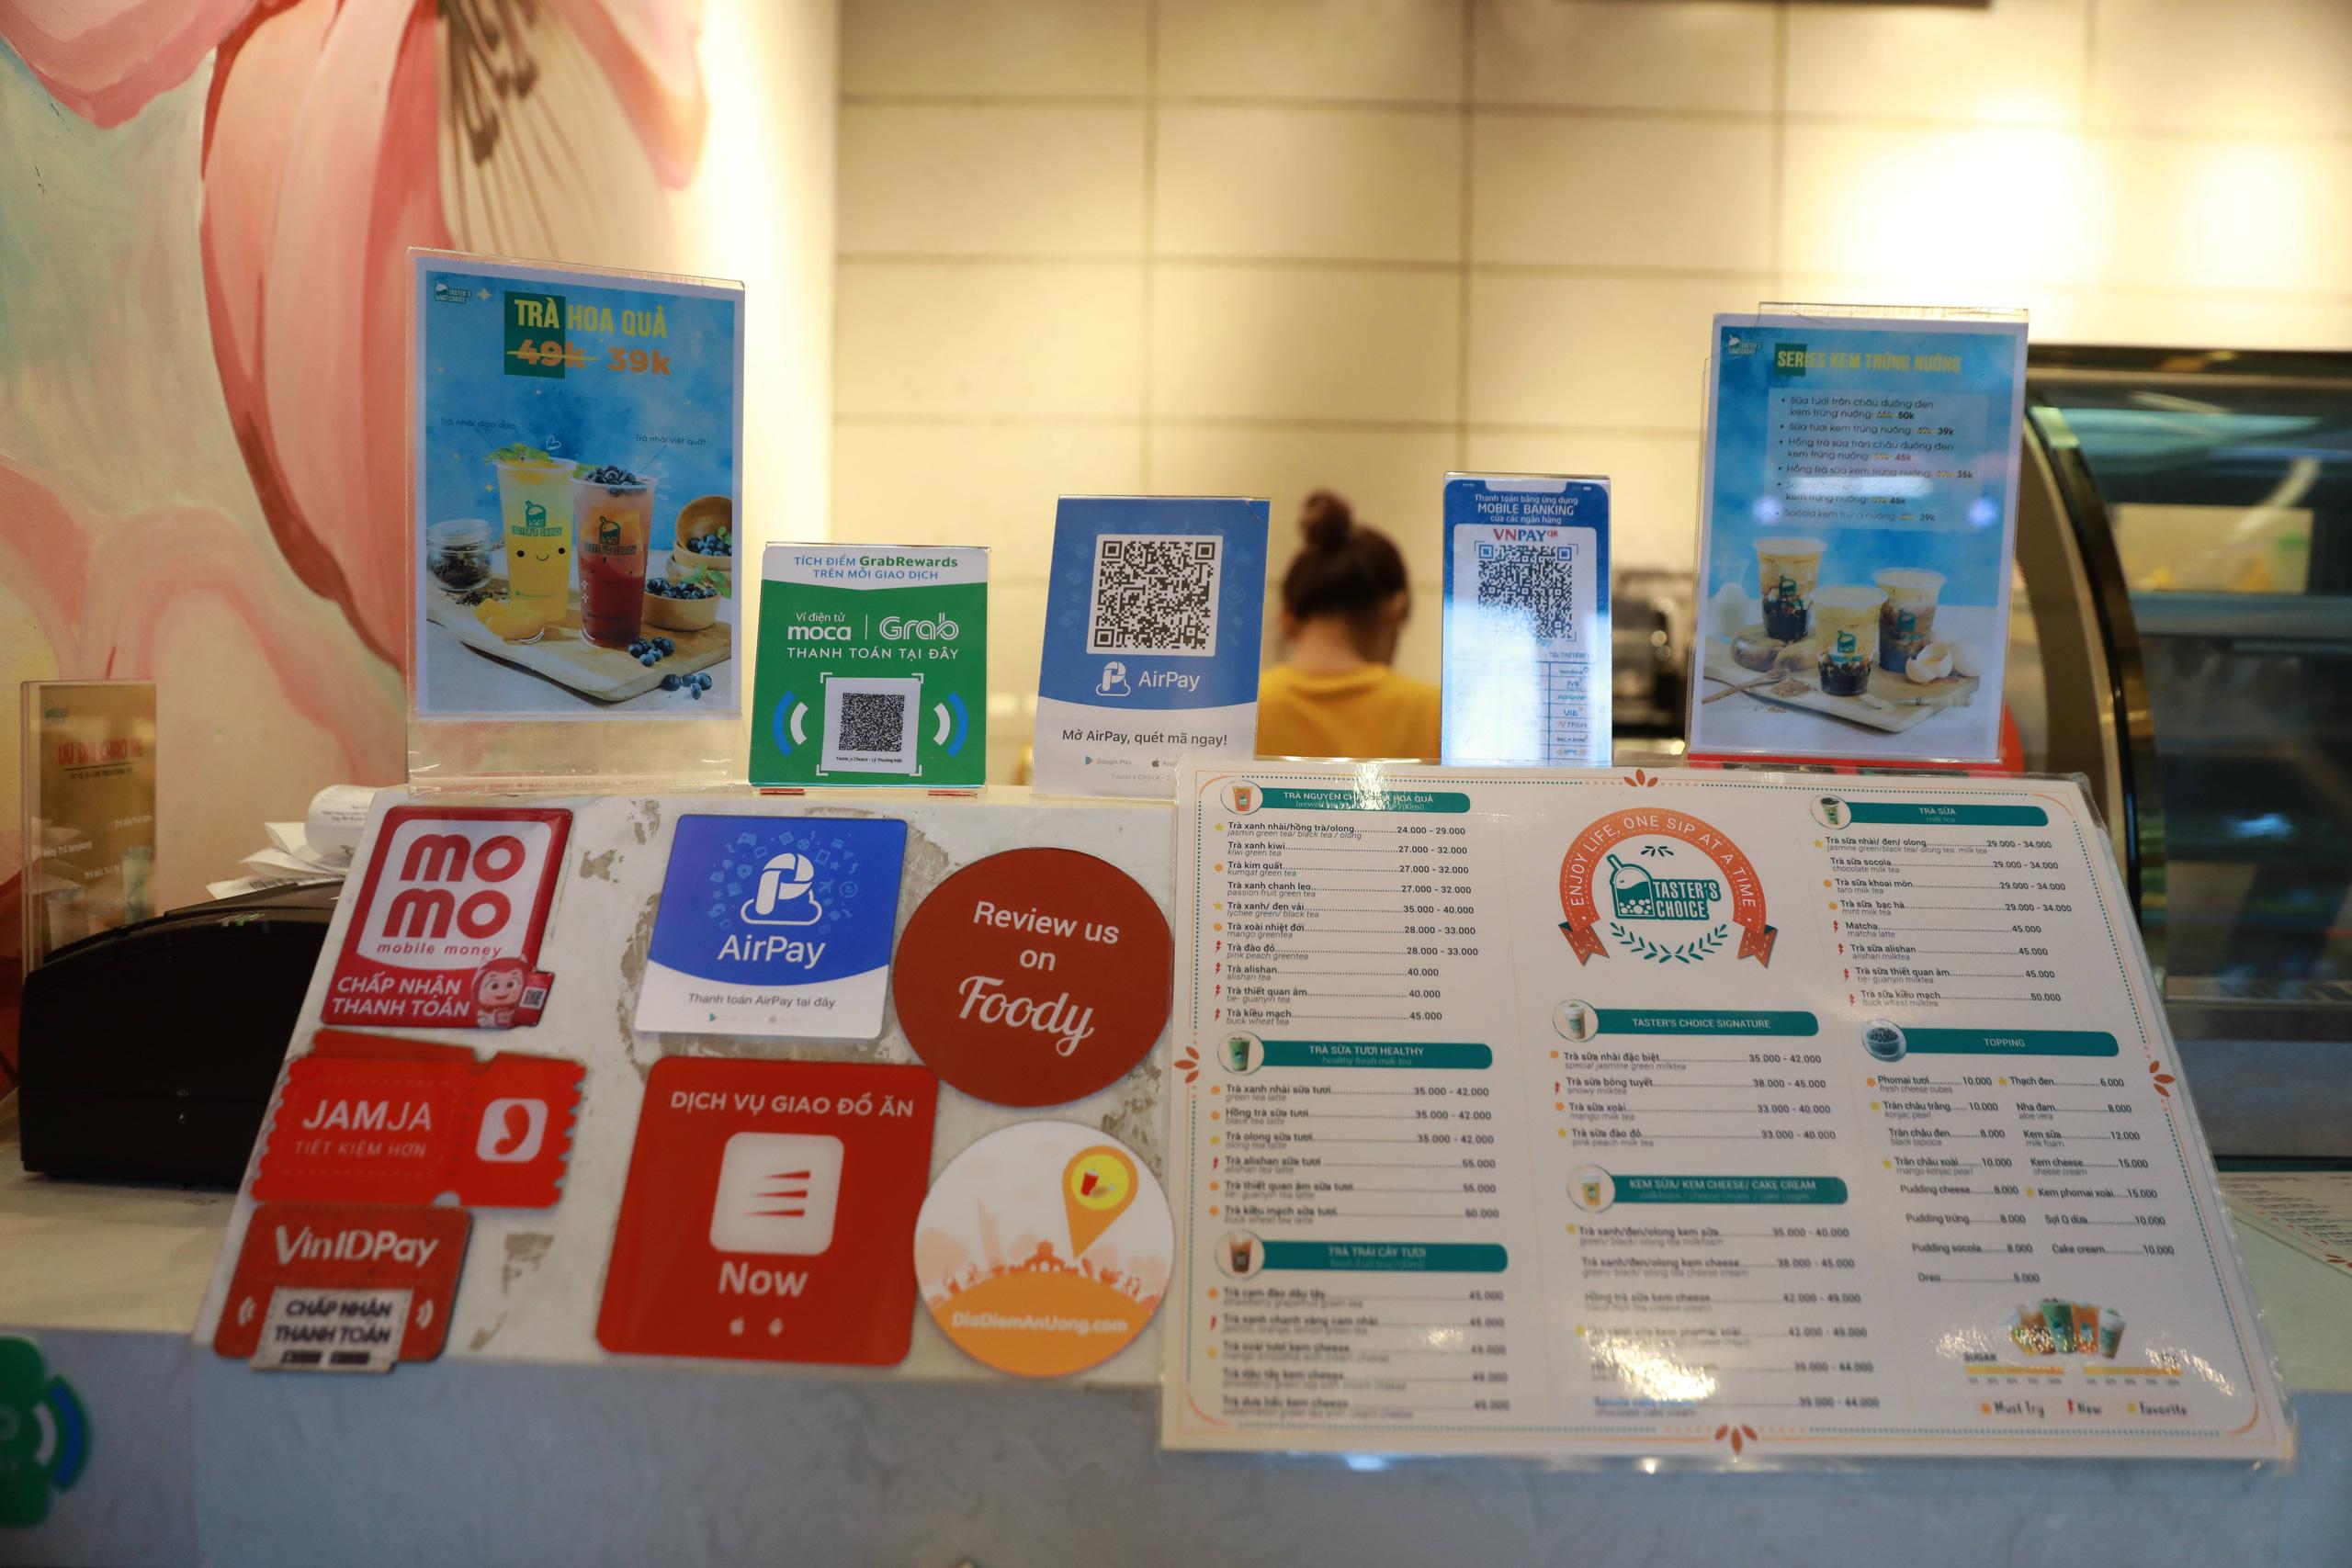 Nhà mạng Việt có lợi thế trong cuộc đua thanh toán, ví điện tử cần dừng 'đốt tiền' cho giảm giá - Ảnh 2.